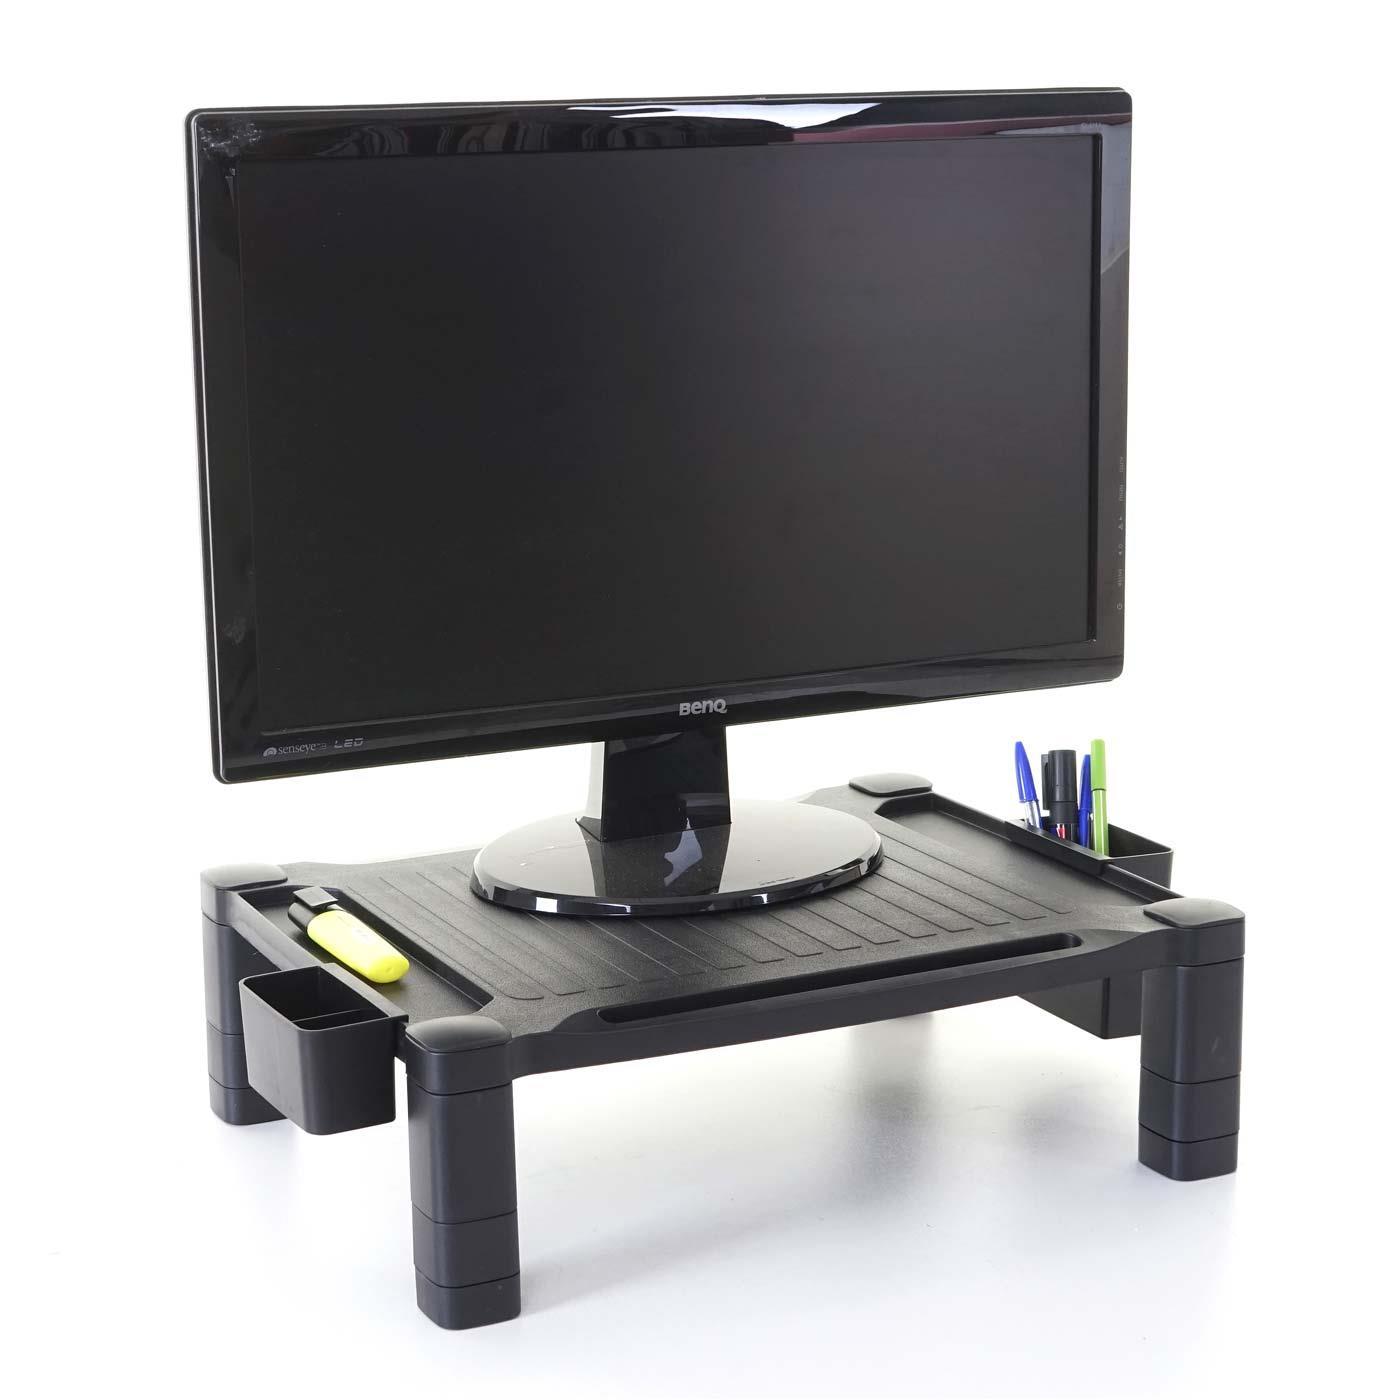 rehausseur pour ecran totem 43x33x13 cm reglable en hauteur noir